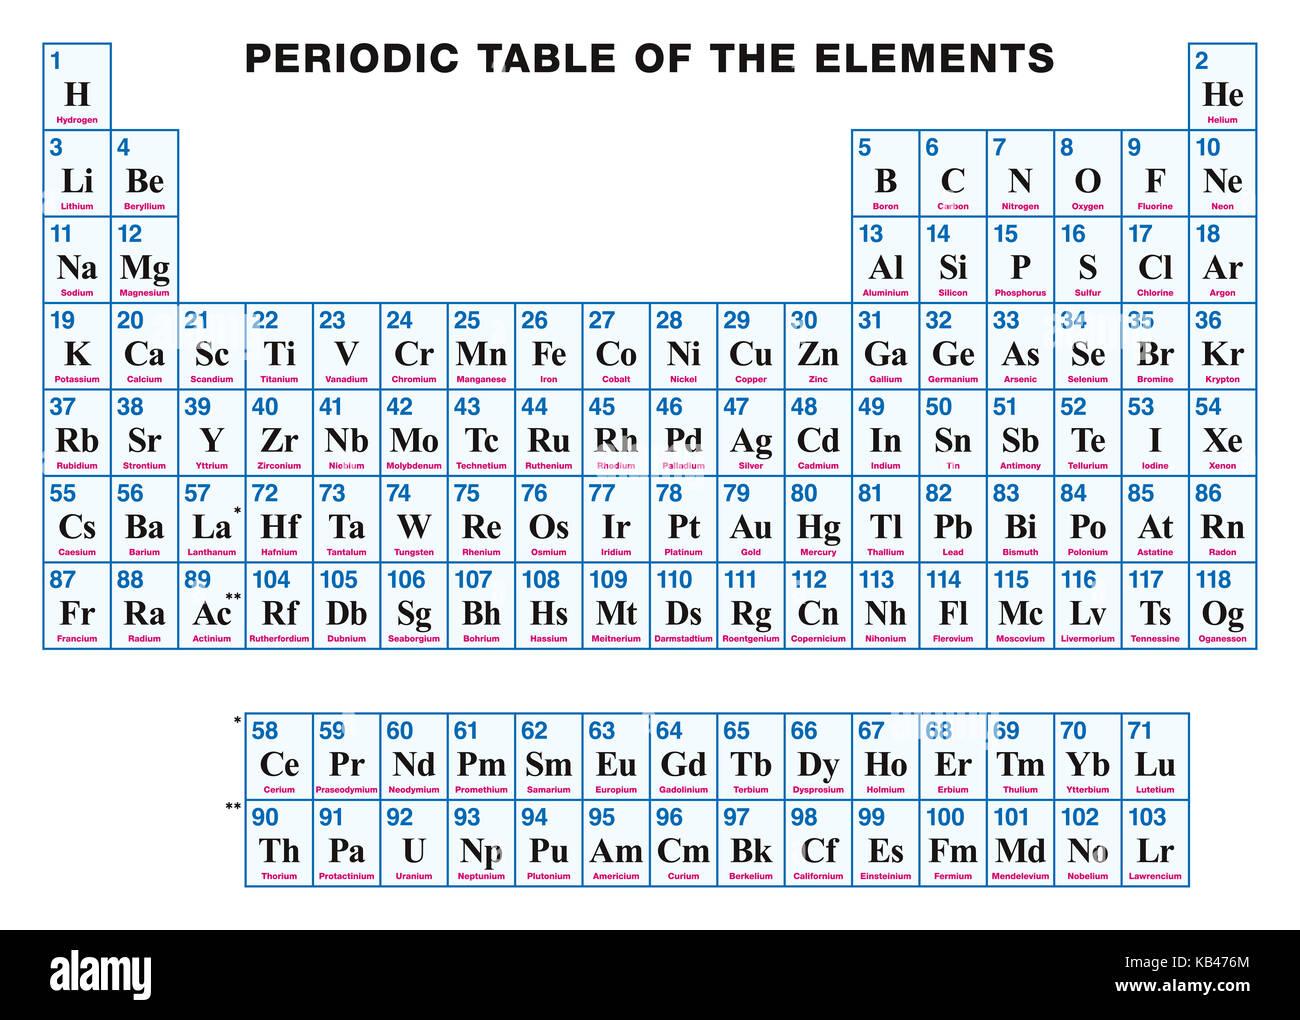 Tavola Periodica Degli Elementi Inglese Disposizione Tabellare Di Elementi Chimici Con I Loro Numeri Atomici I Simboli E I Nomi 118 Elementi Confermati Foto Stock Alamy